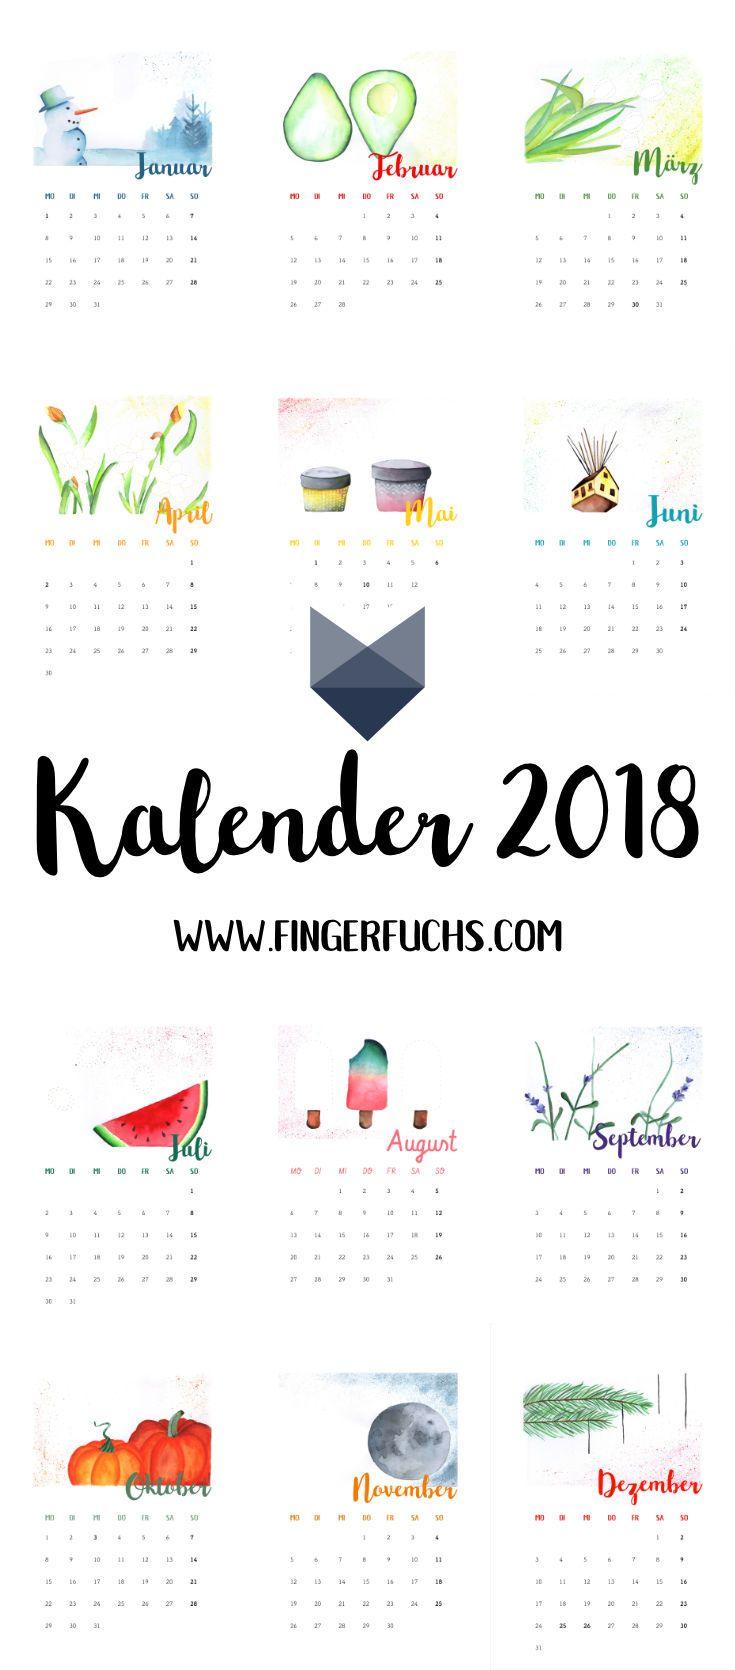 Kalender 2018 Zum Fingerstempeln Creative Calendar Pinterest